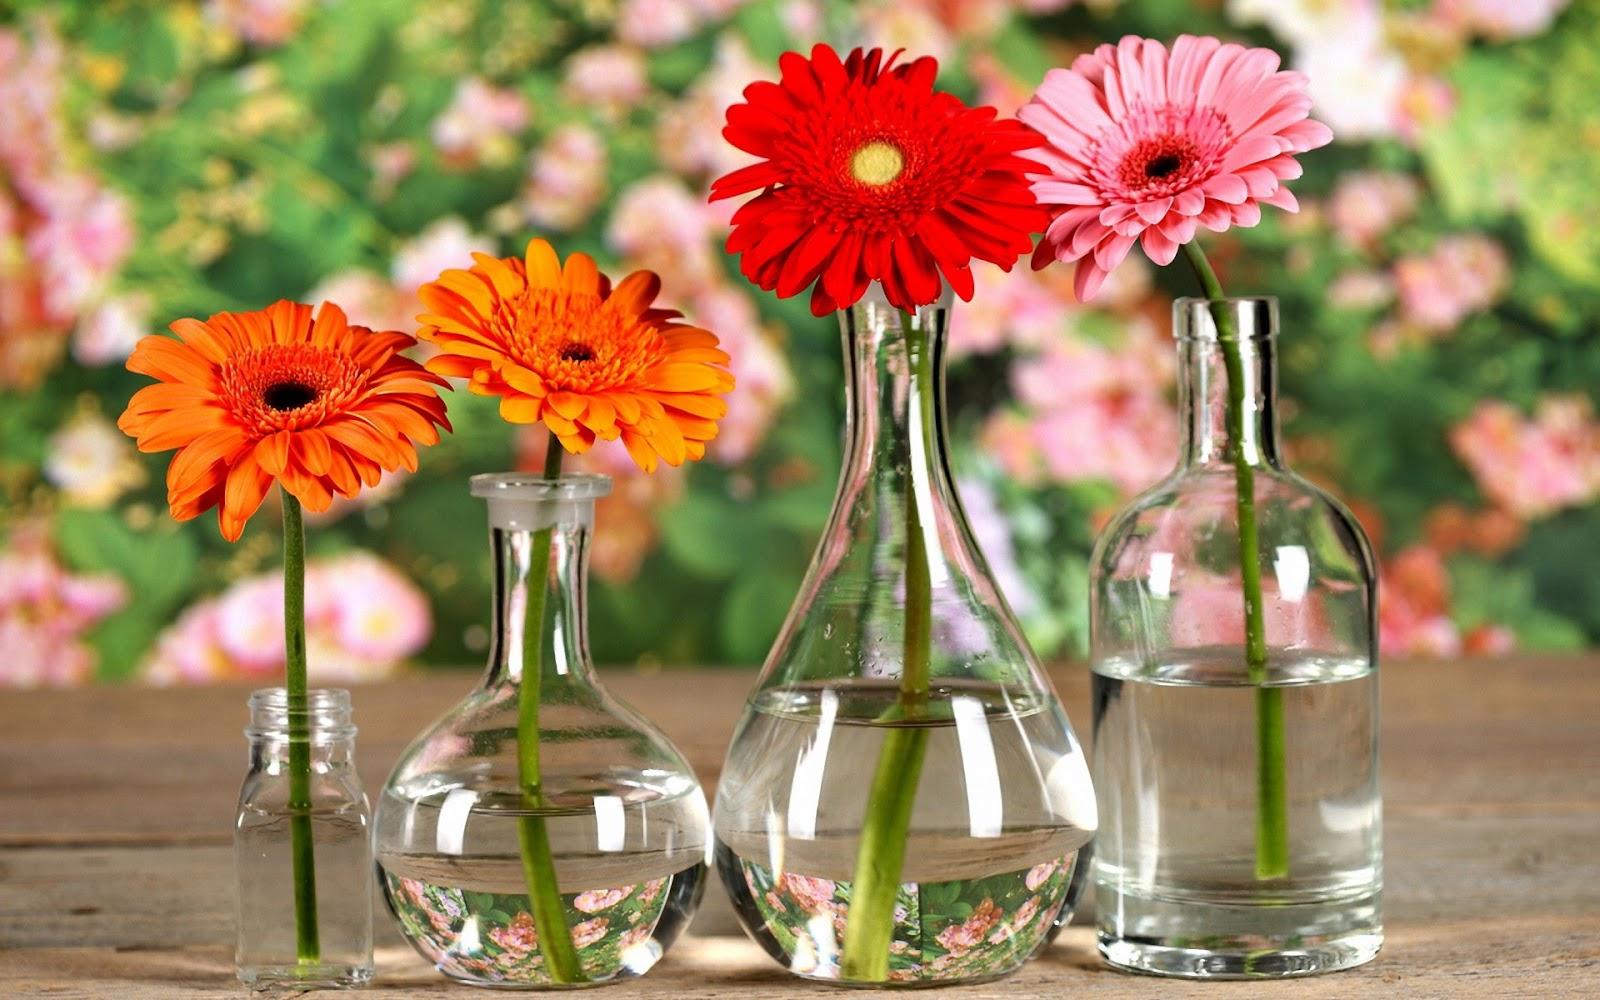 Beroemd Mooie foto van bloemen in een vaas | Mooie Leuke Achtergronden  #ZG09